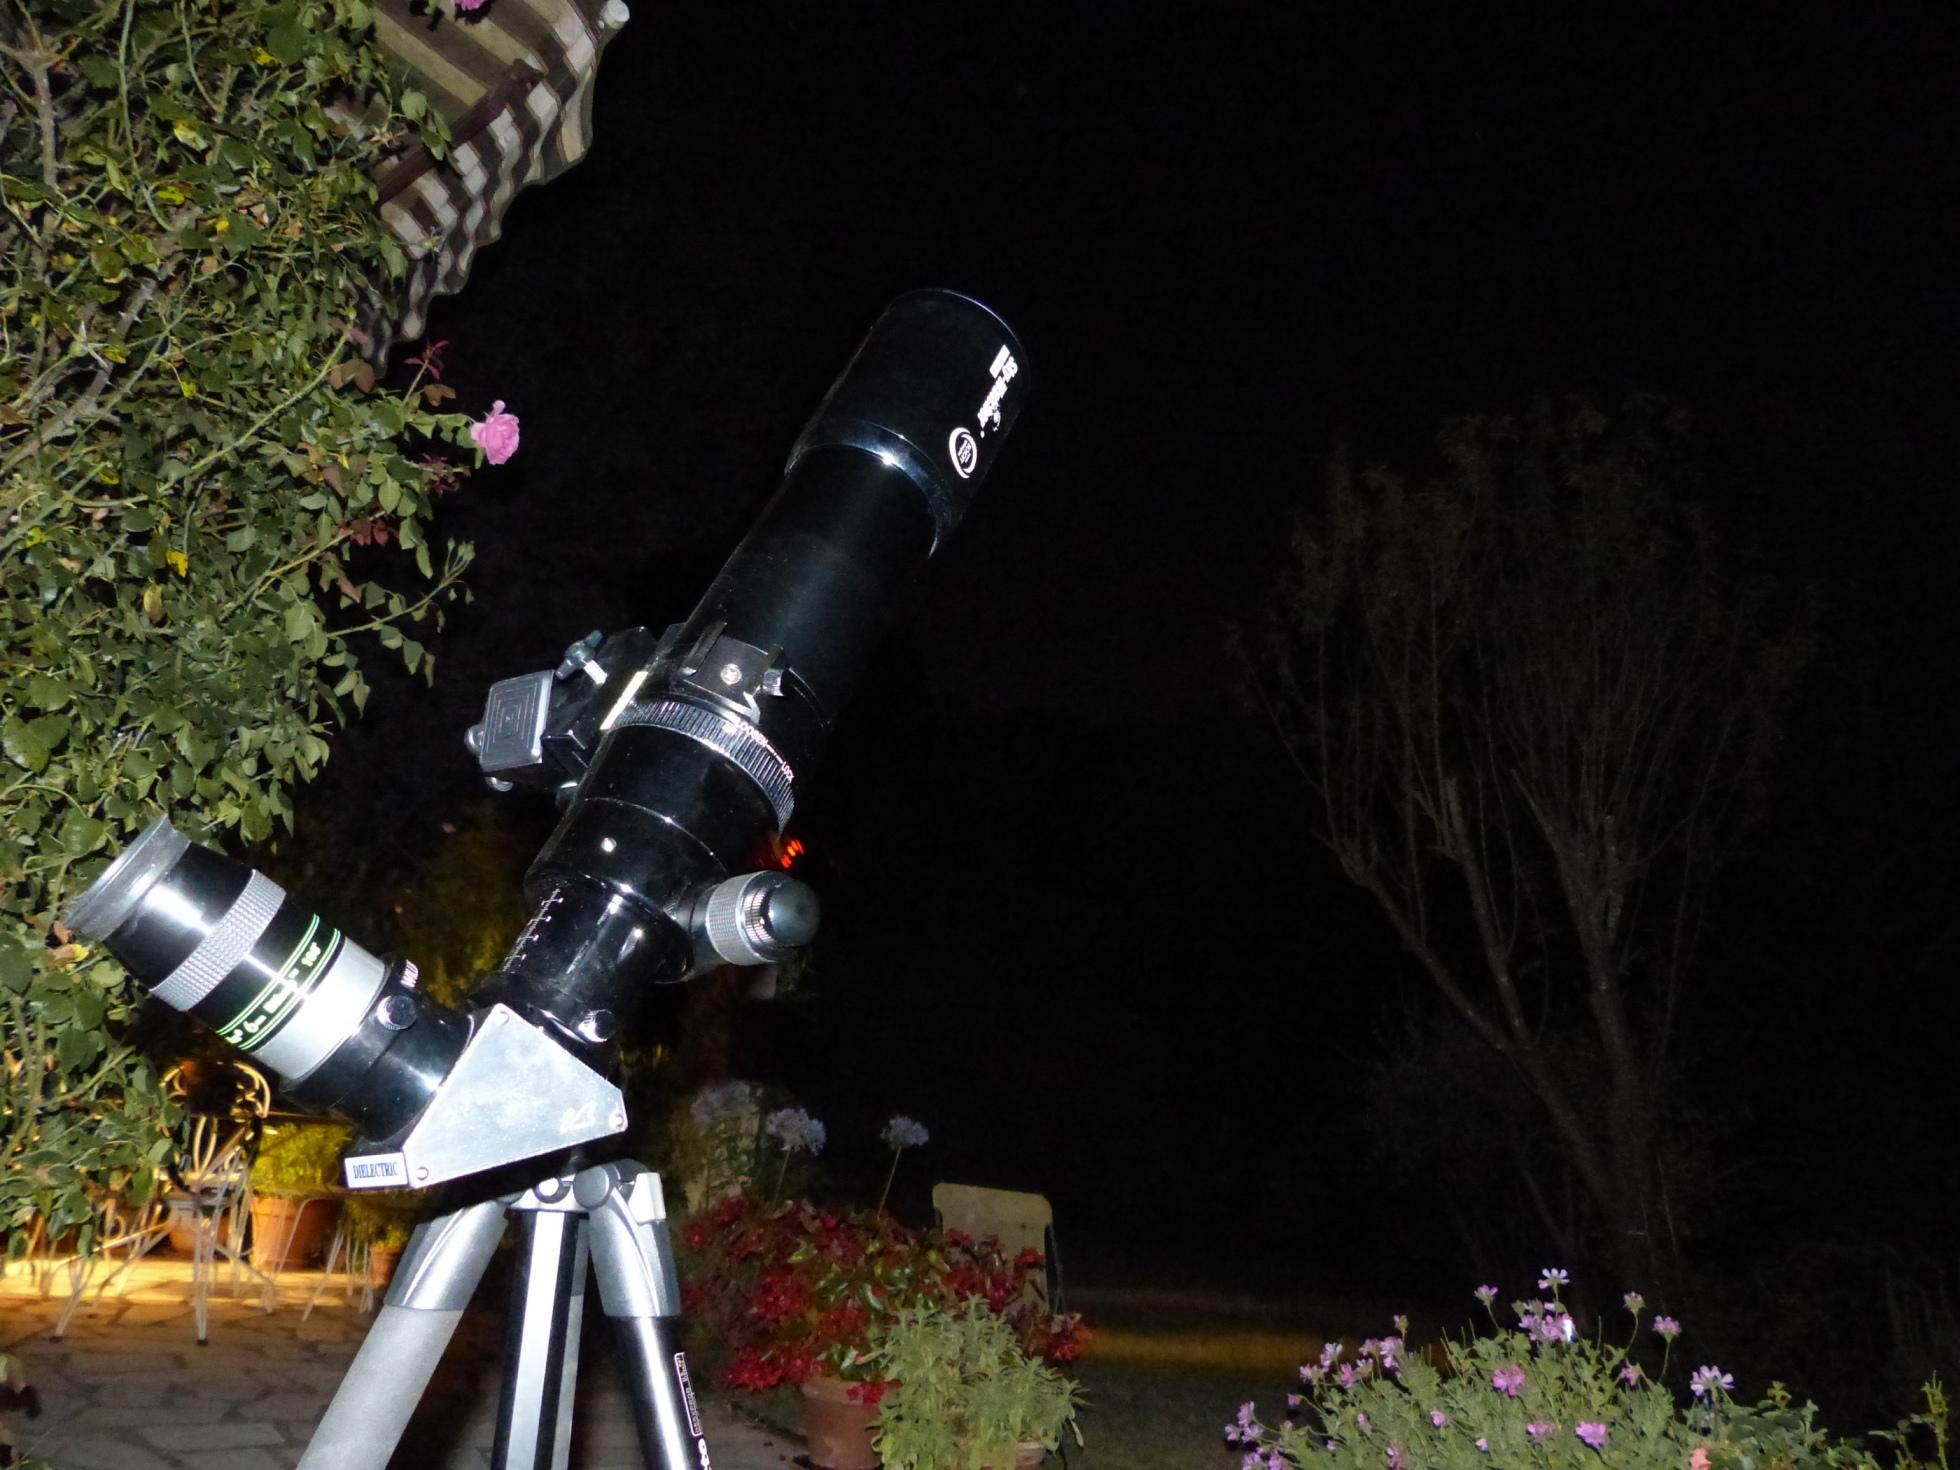 lunette skywatcher equinox 80 mm